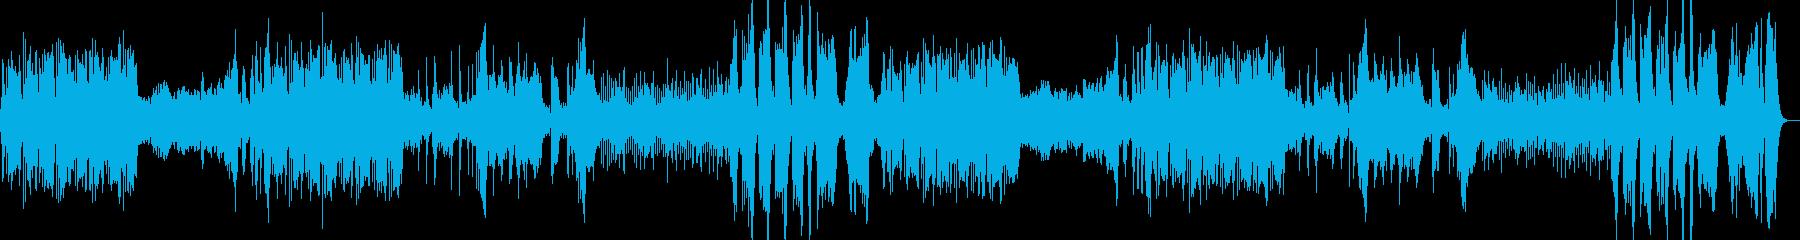 古典クラシックを意識した壮大な交響曲の再生済みの波形